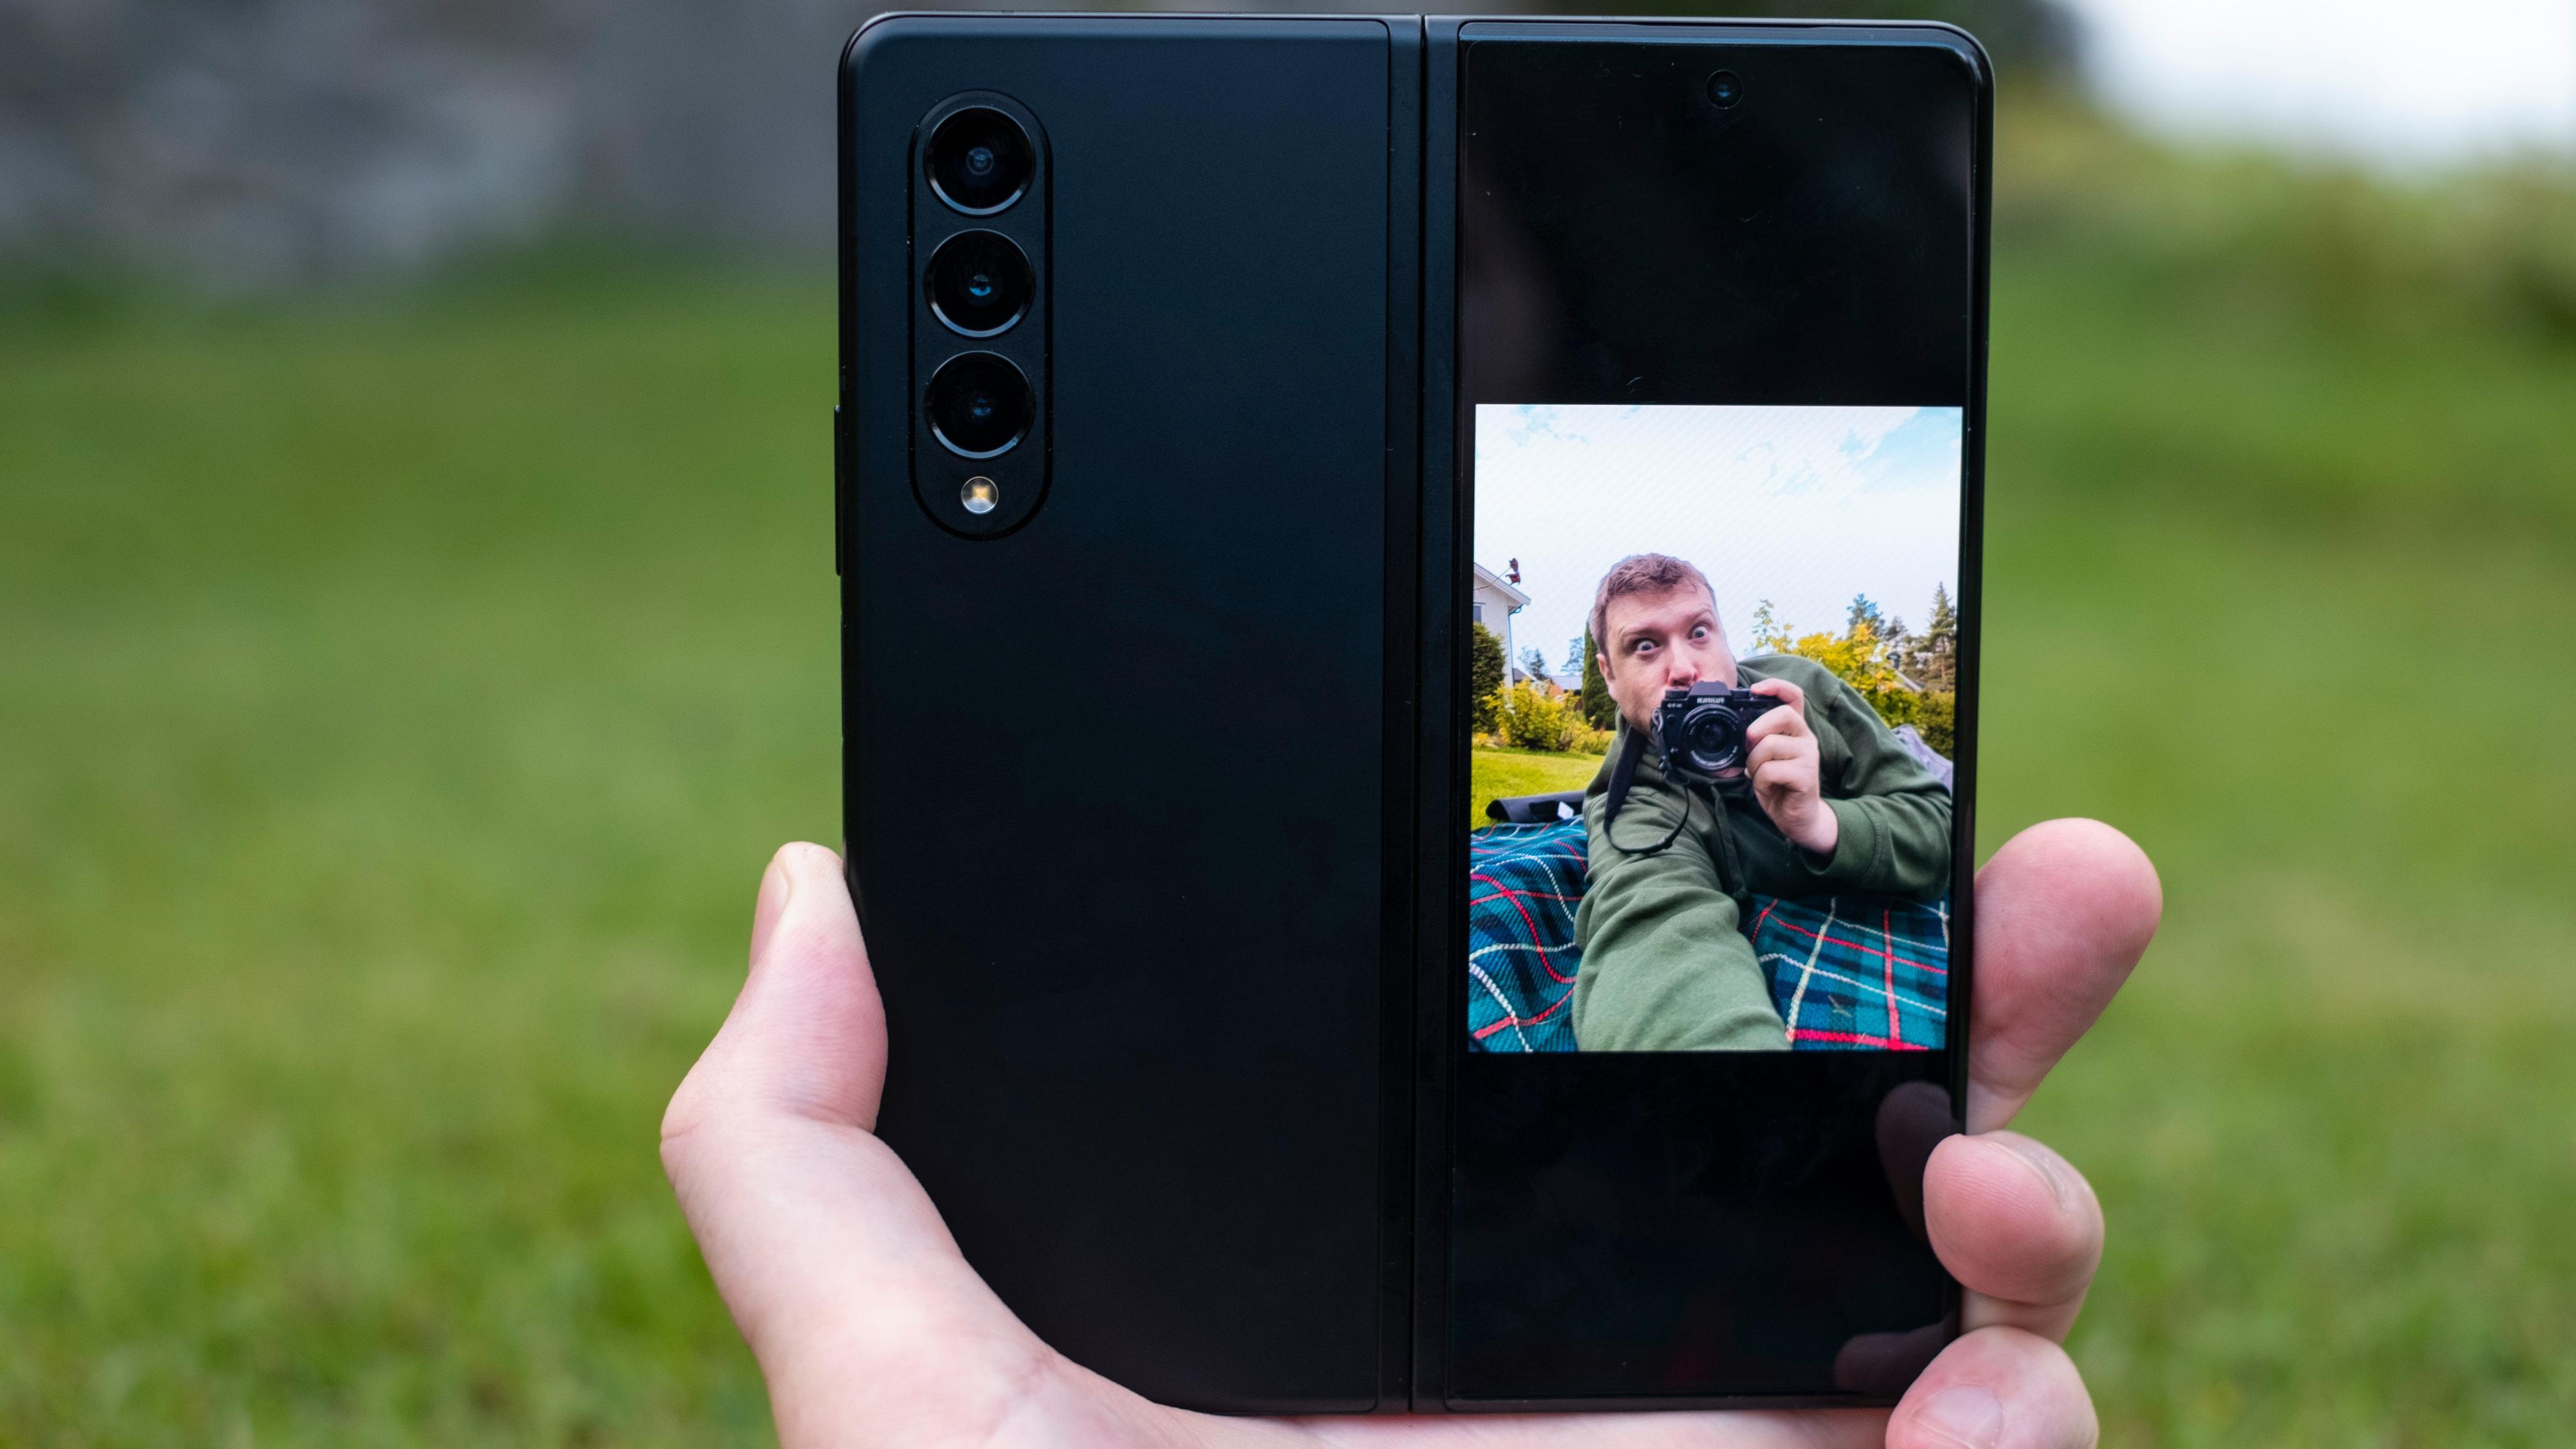 Egentlig trenger ikke Fold 3 selfiekamera for selvportrettenes del - siden du uansett alltid kan bruke de langt bedre ytterkameraene. Selfiekameraene er langt mer nyttige til videosamtaler og liknende.